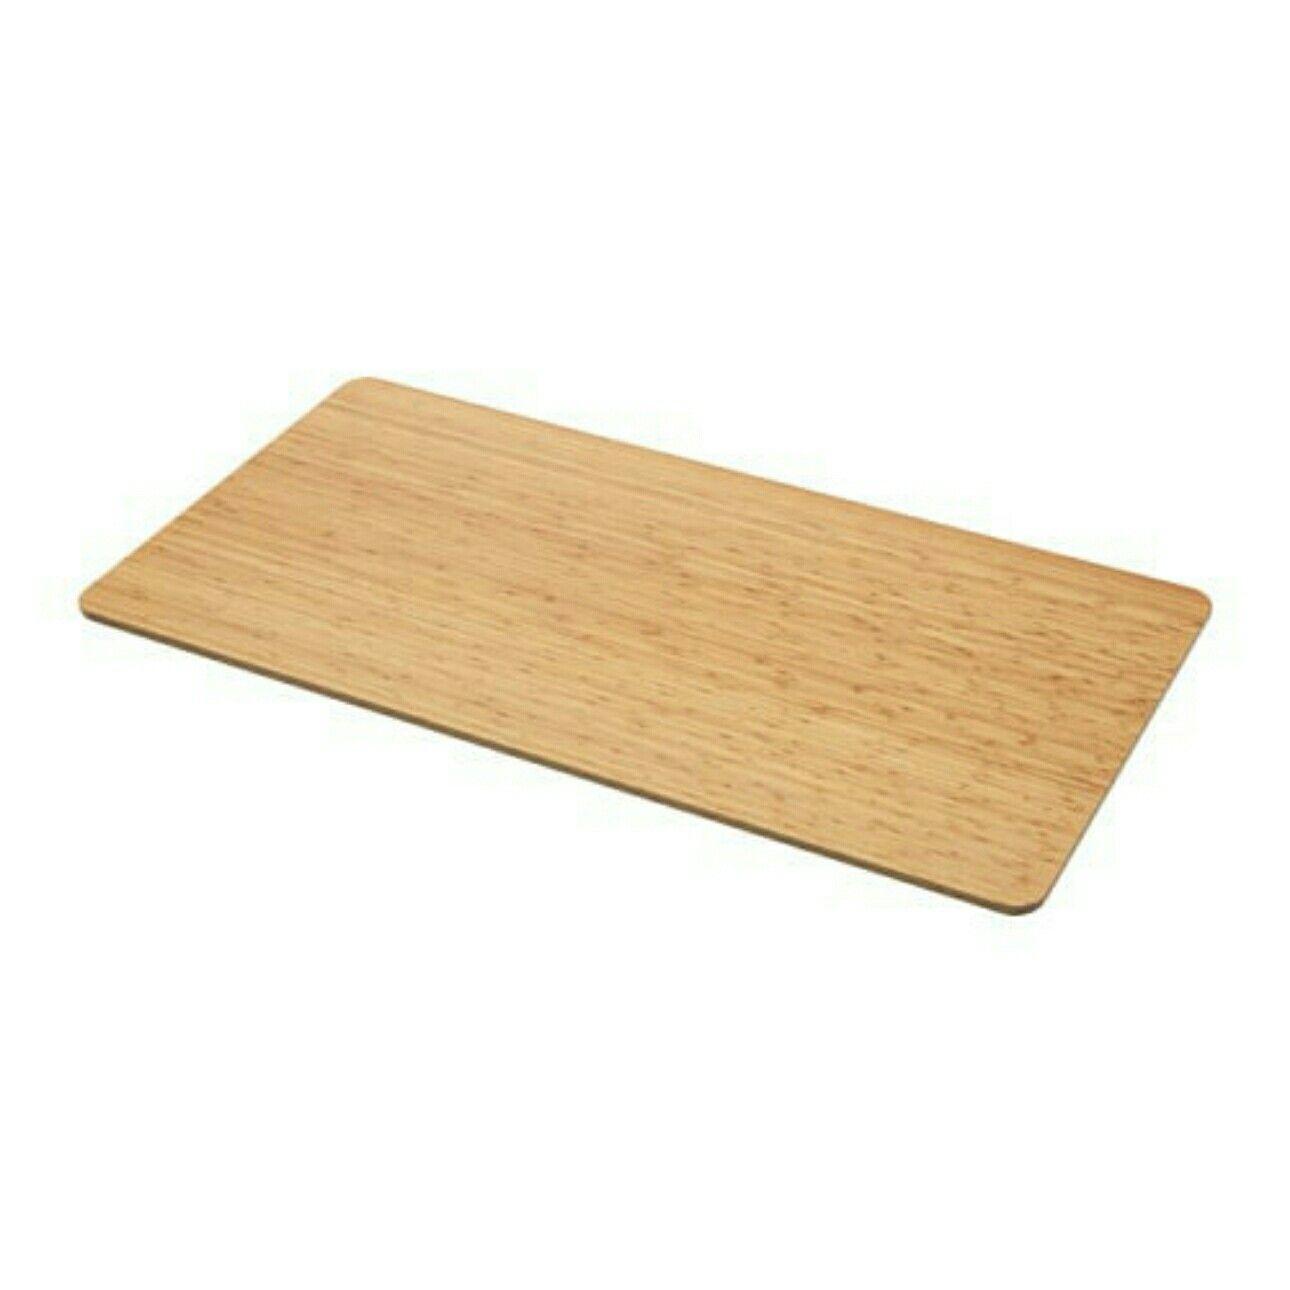 Pin Von Monica Valenzuela Auf Depto Ikea Tischplatten Tabletop Bambus